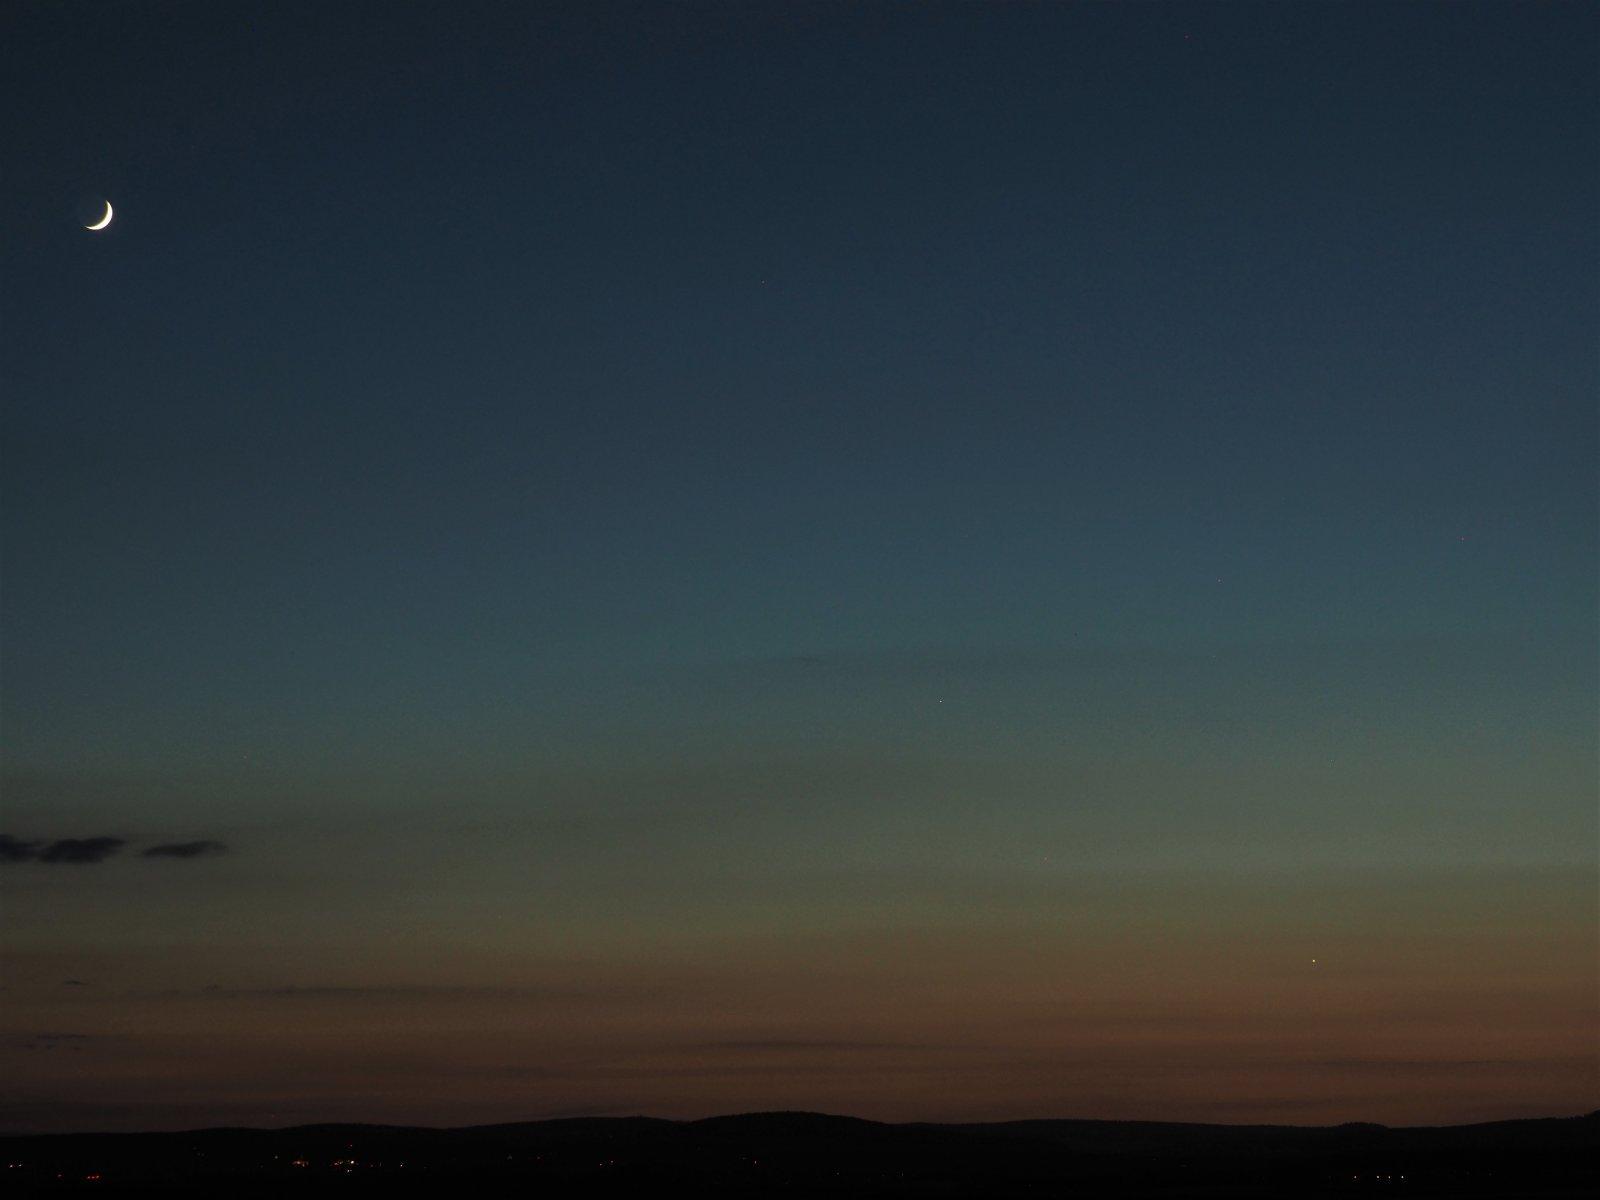 Venusmerkurmond7.jpg